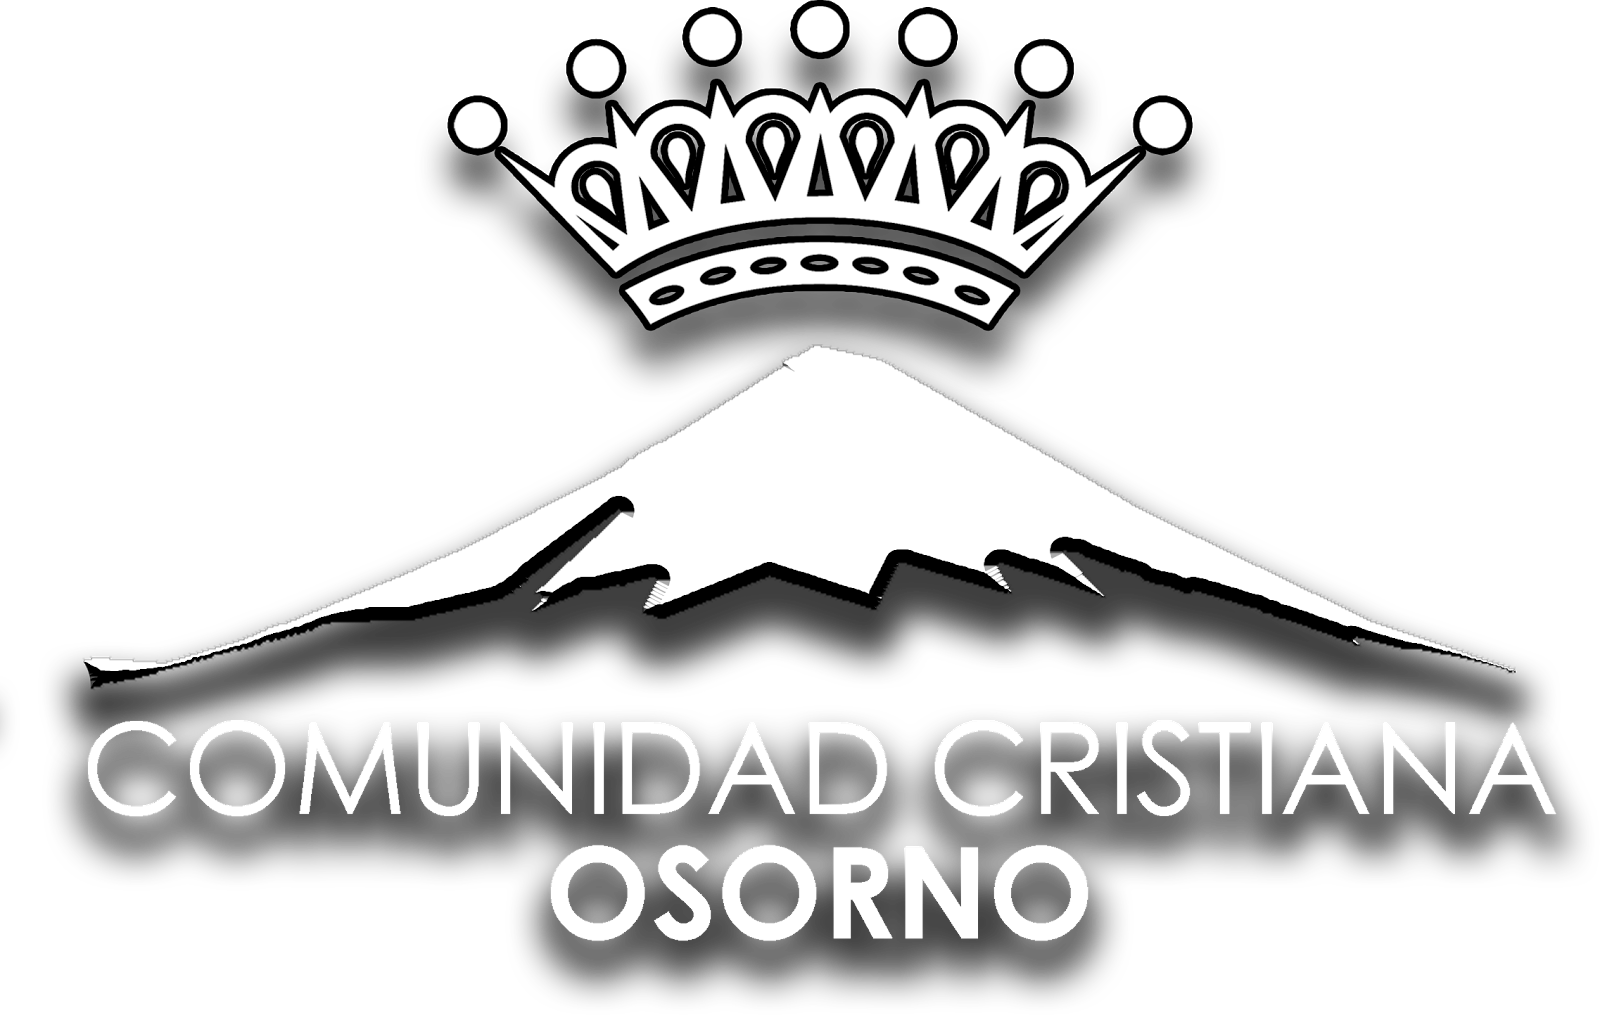 ComunidadCristianaOsorno.cl